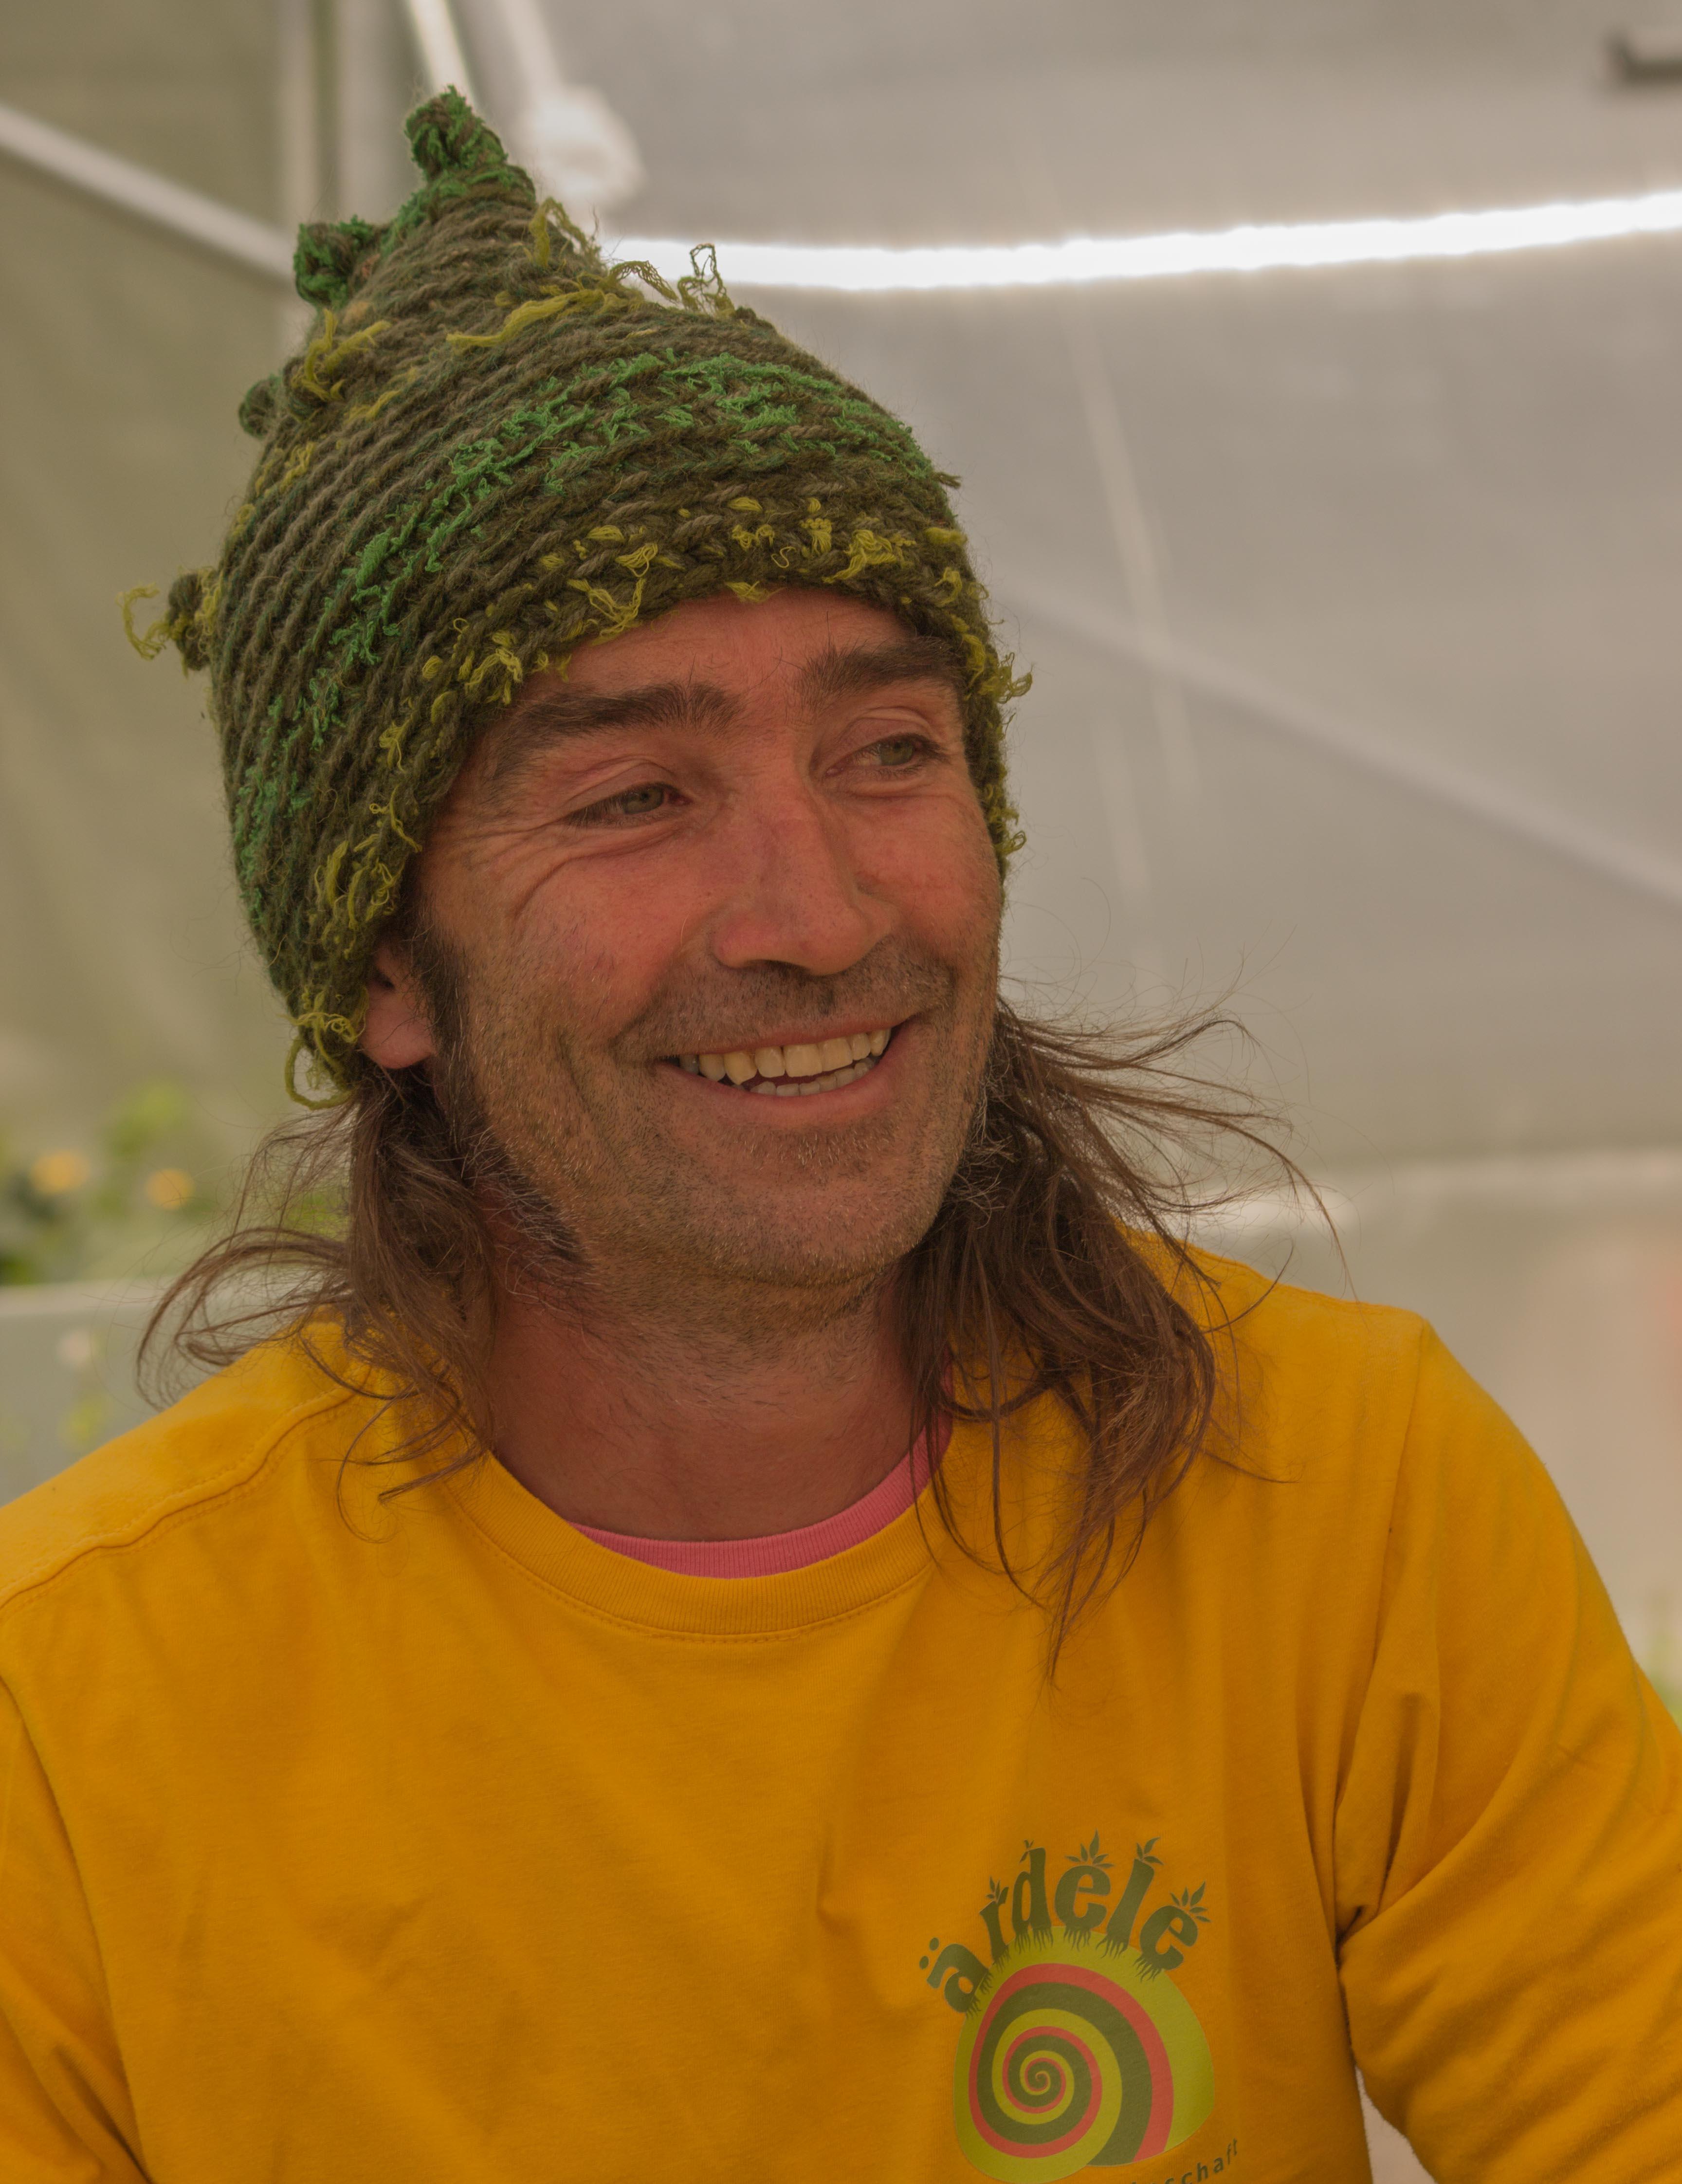 Marc Schlotterbeck